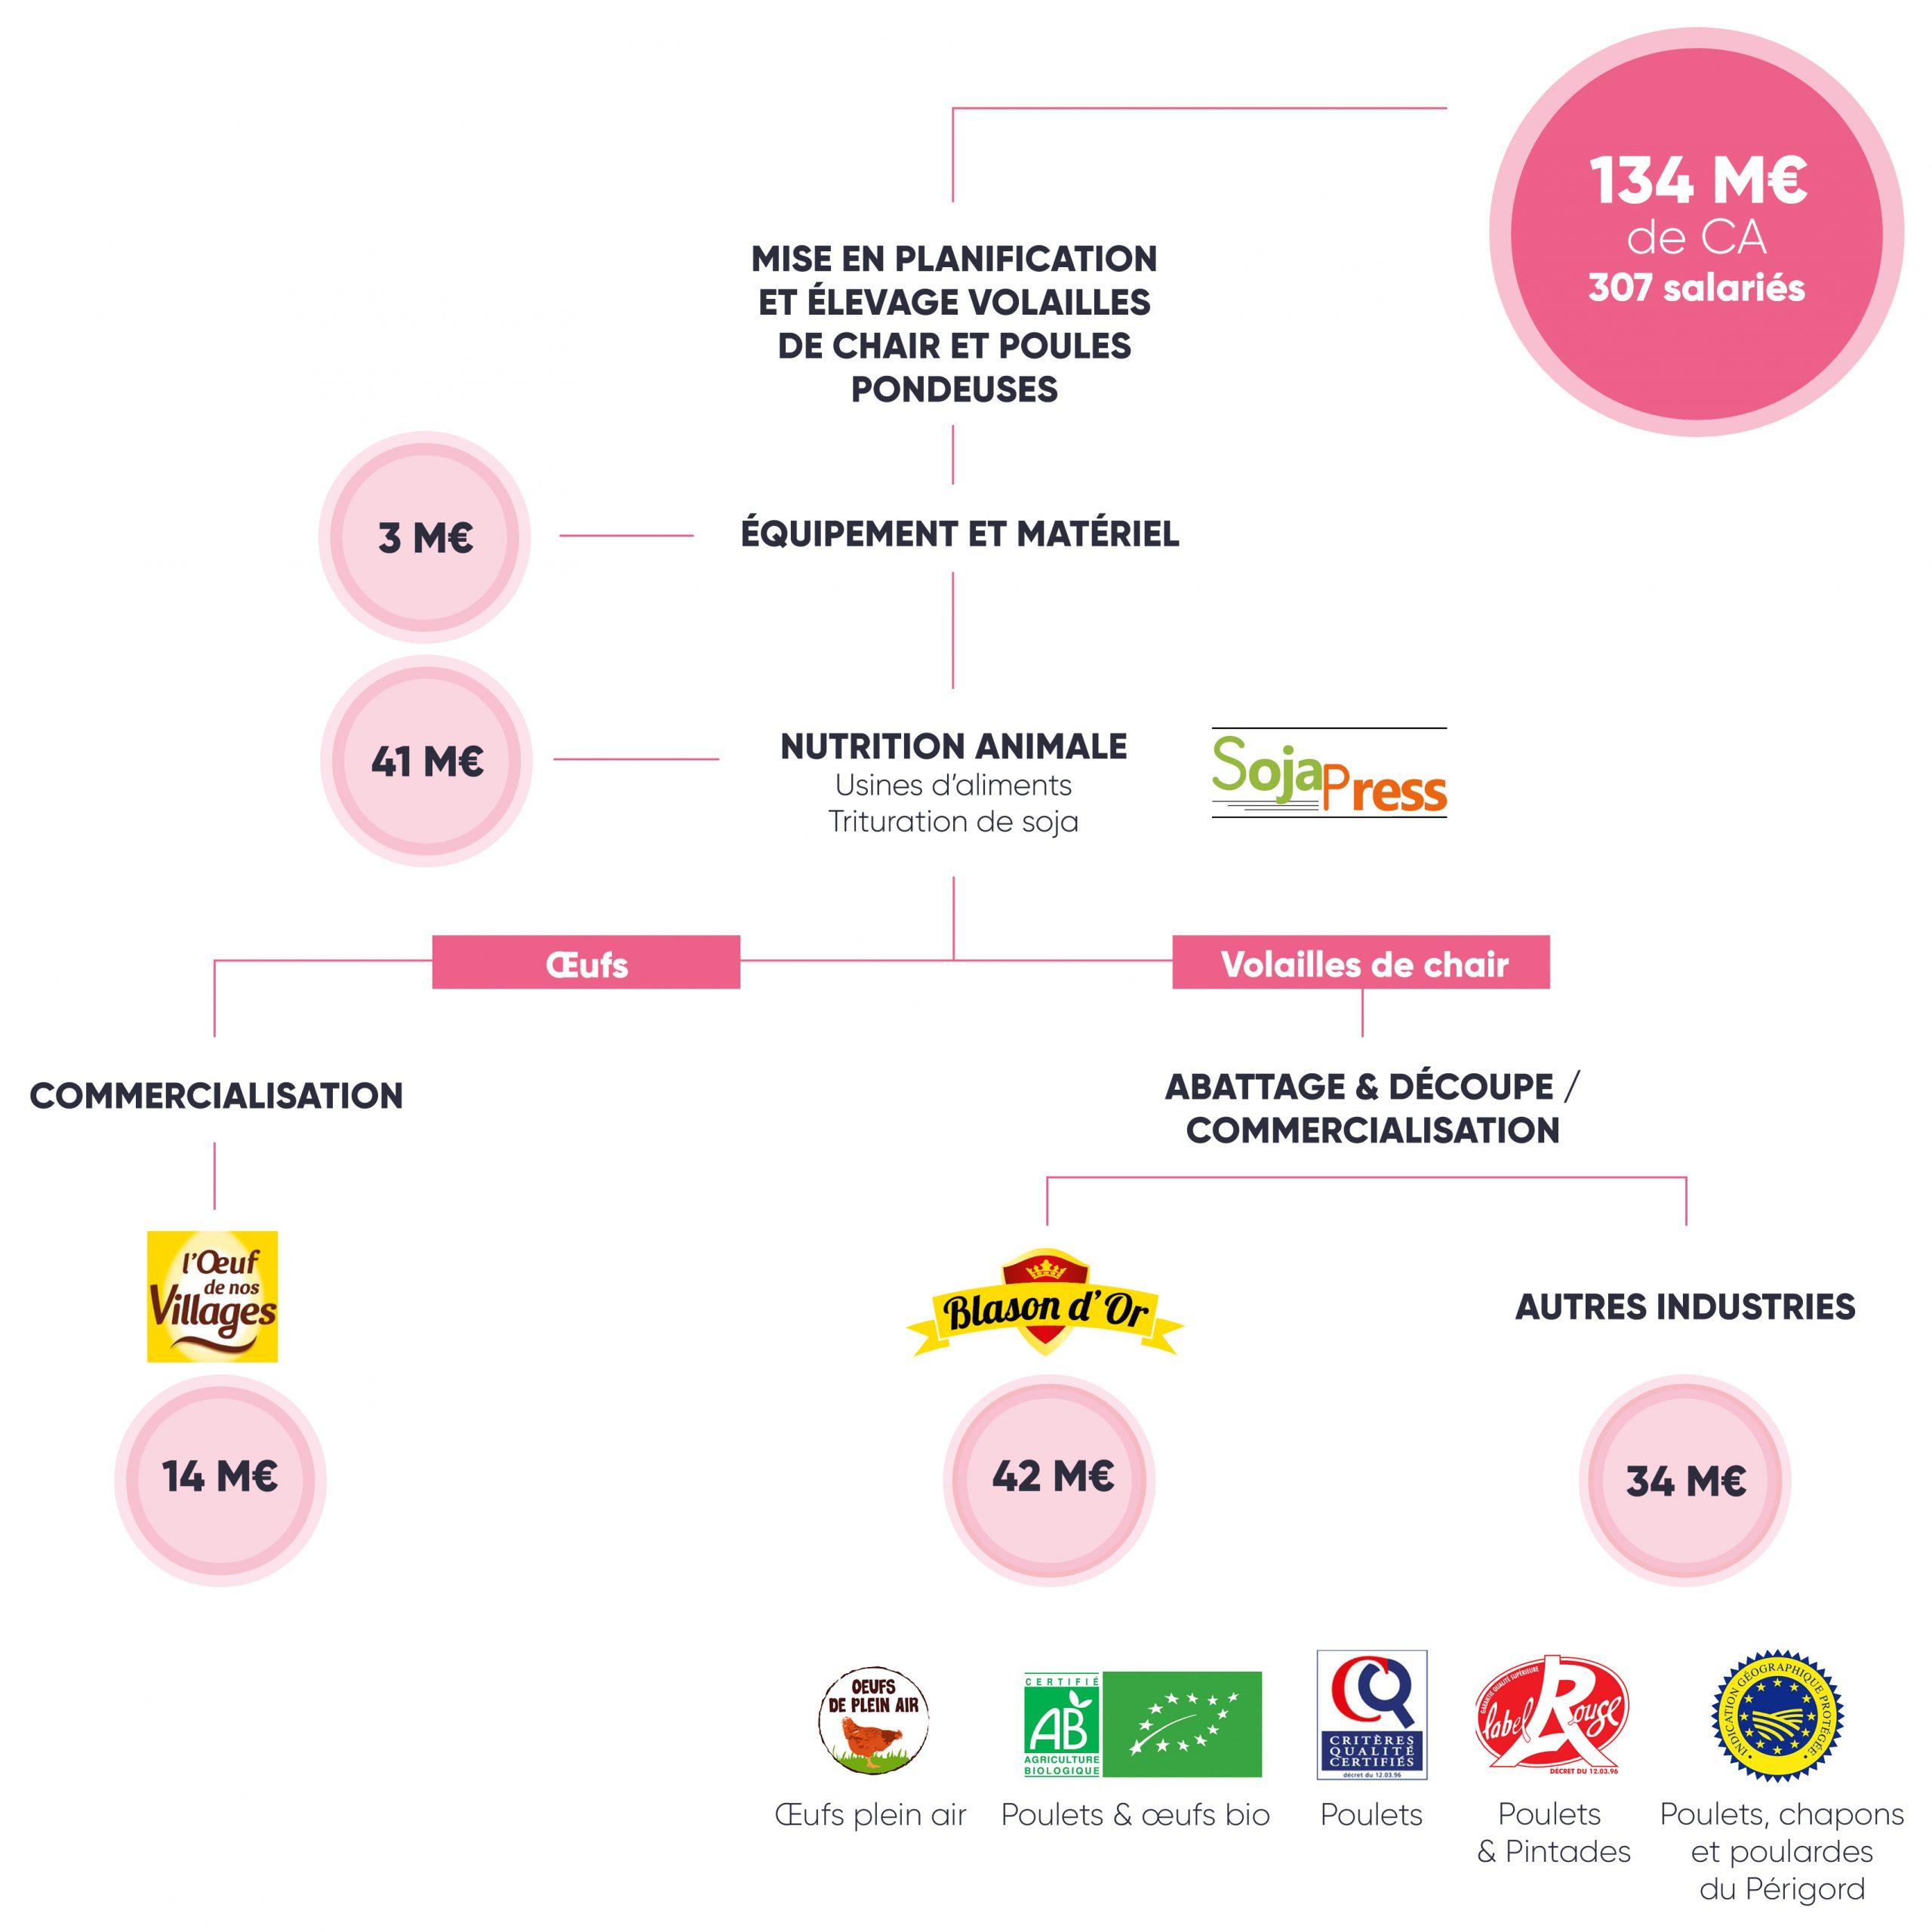 Schéma branche Volailles groupe terres du sud 2019 2020